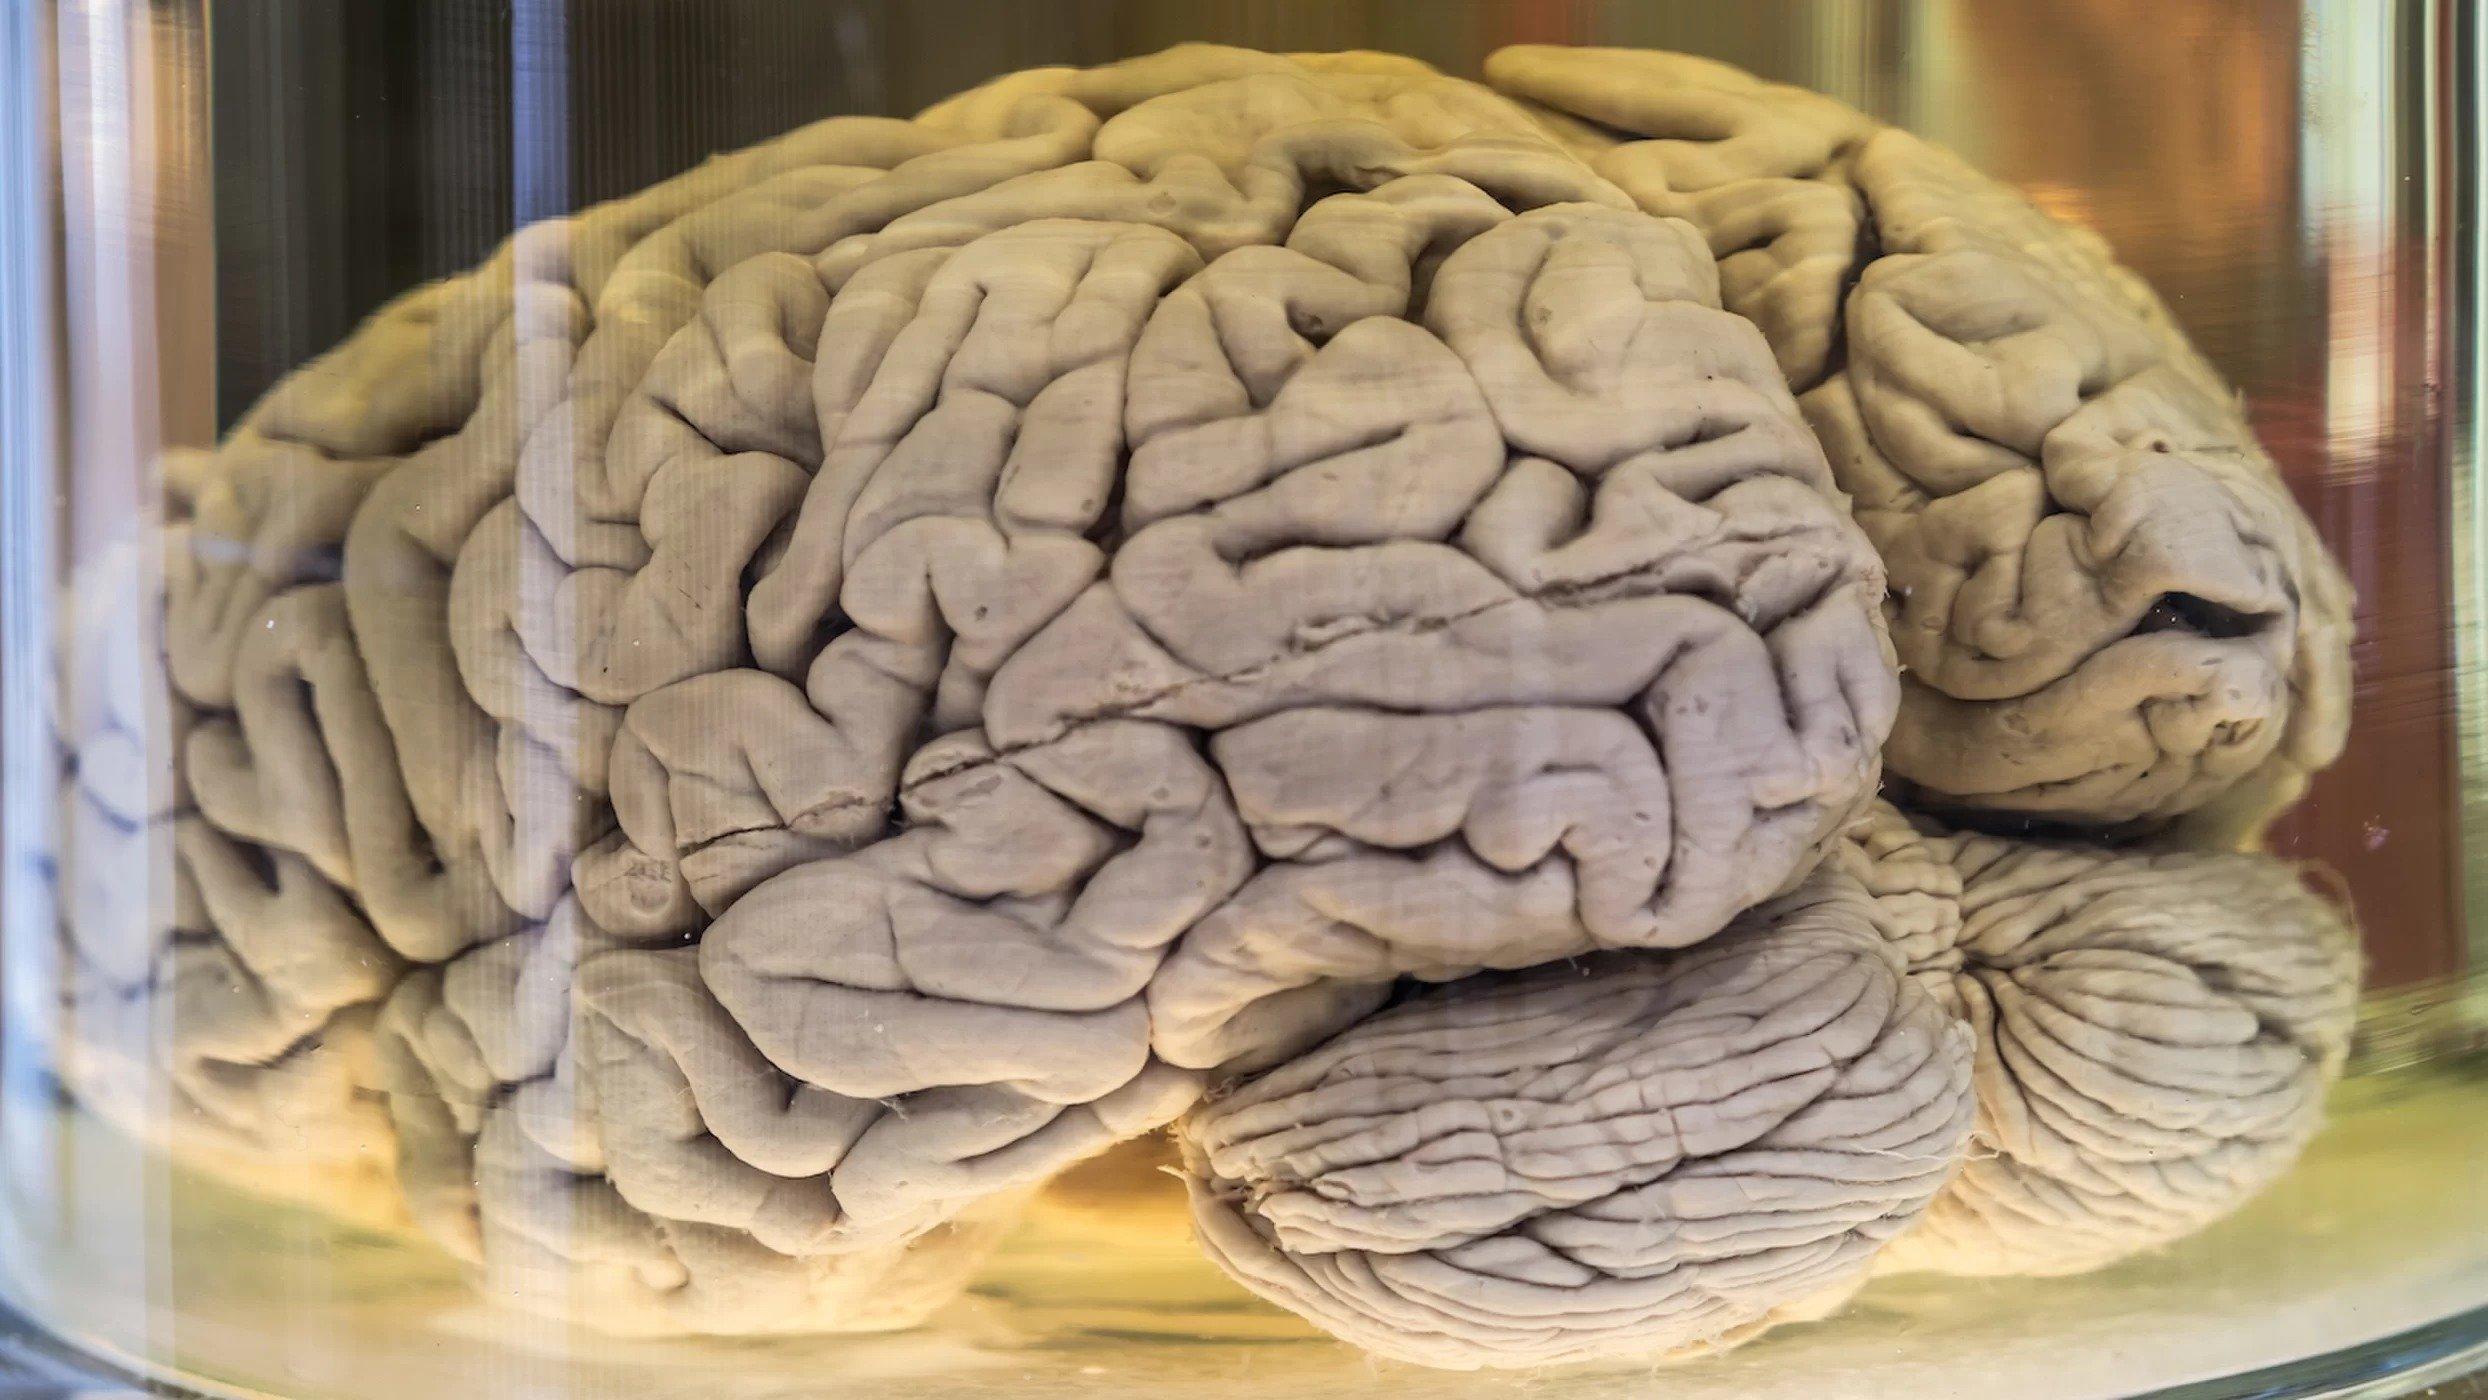 извилины мозга